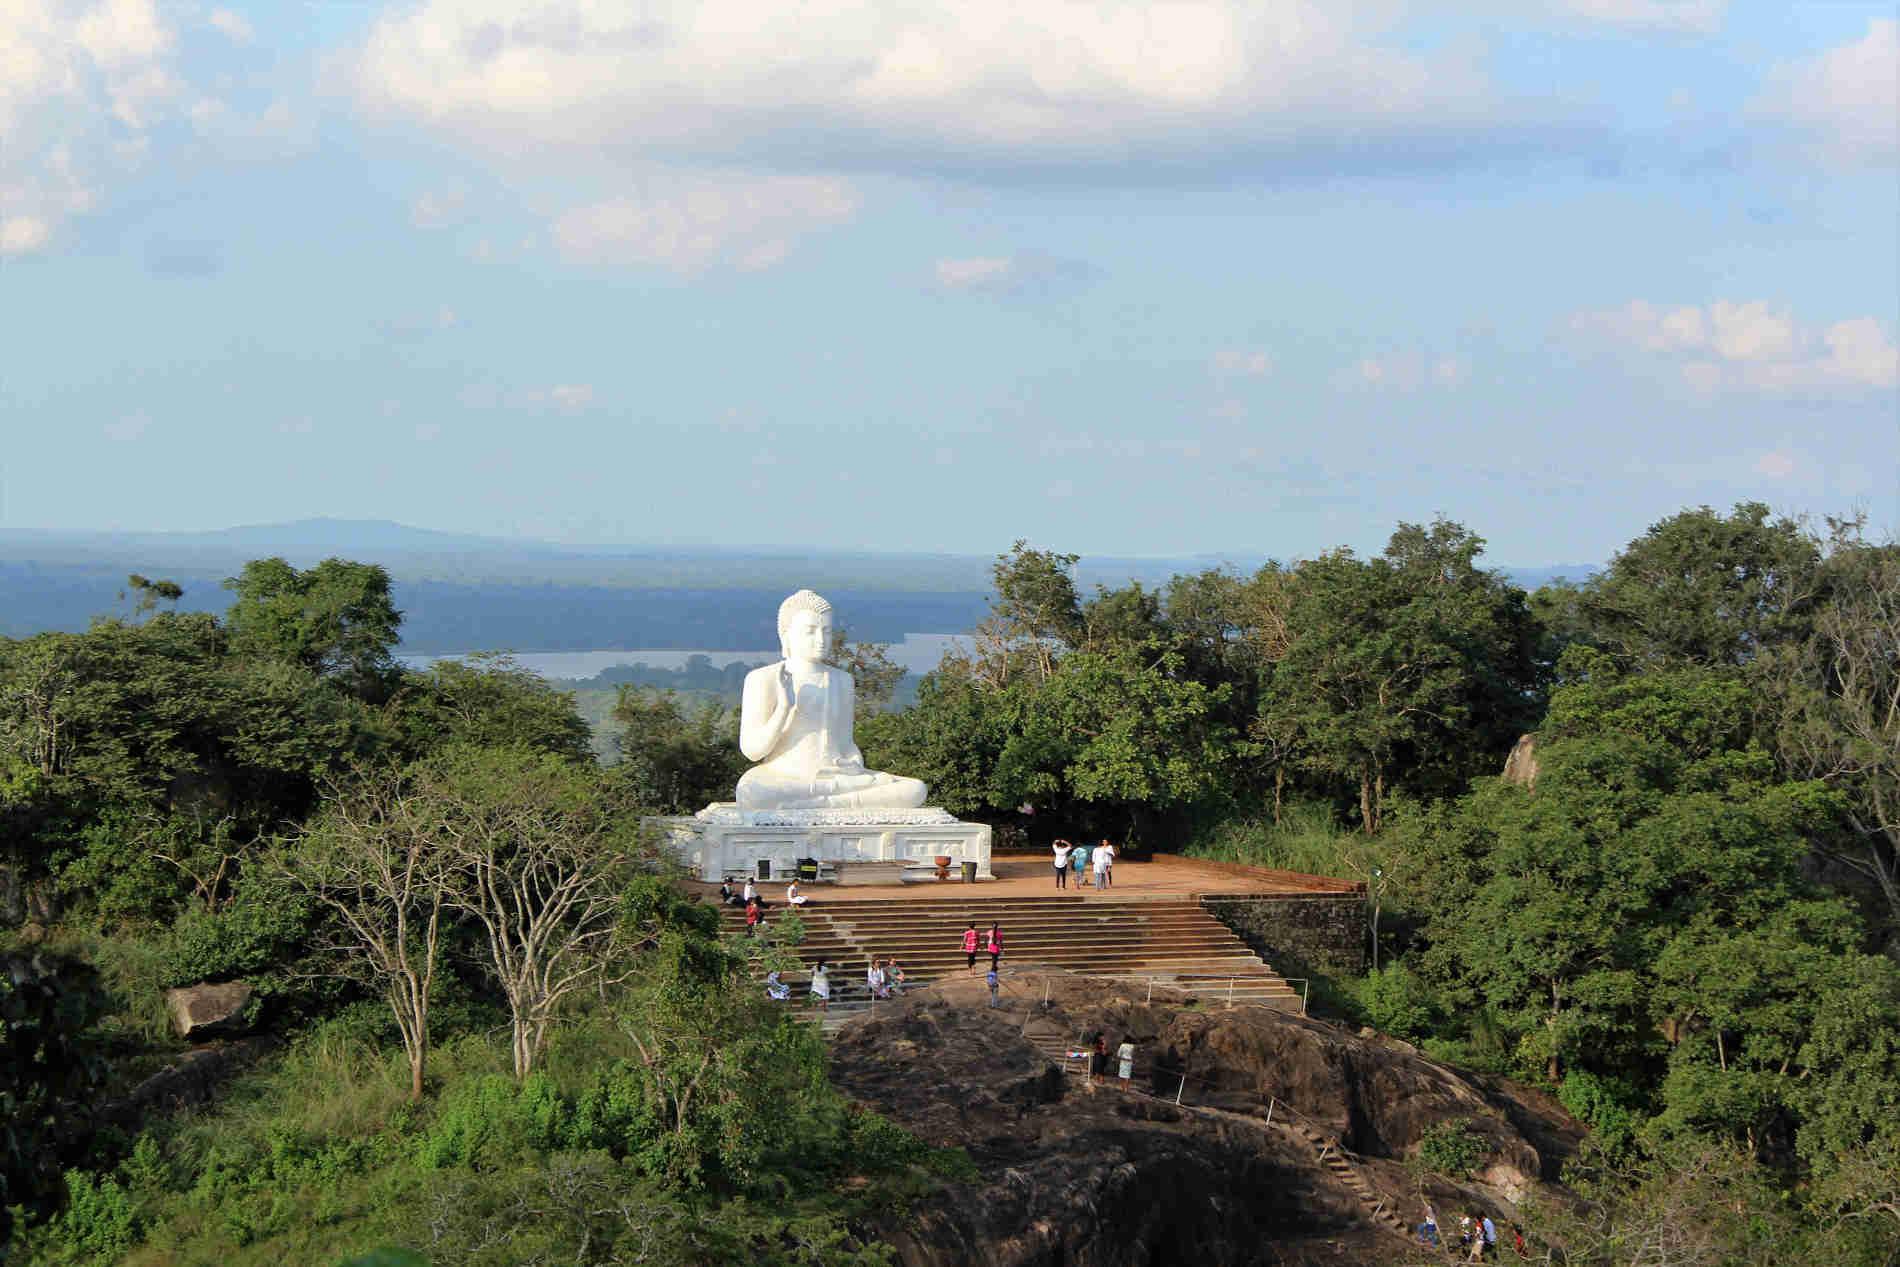 Viaggio in Sri Lanka - La splendida Statua del Buddha a Mihintale